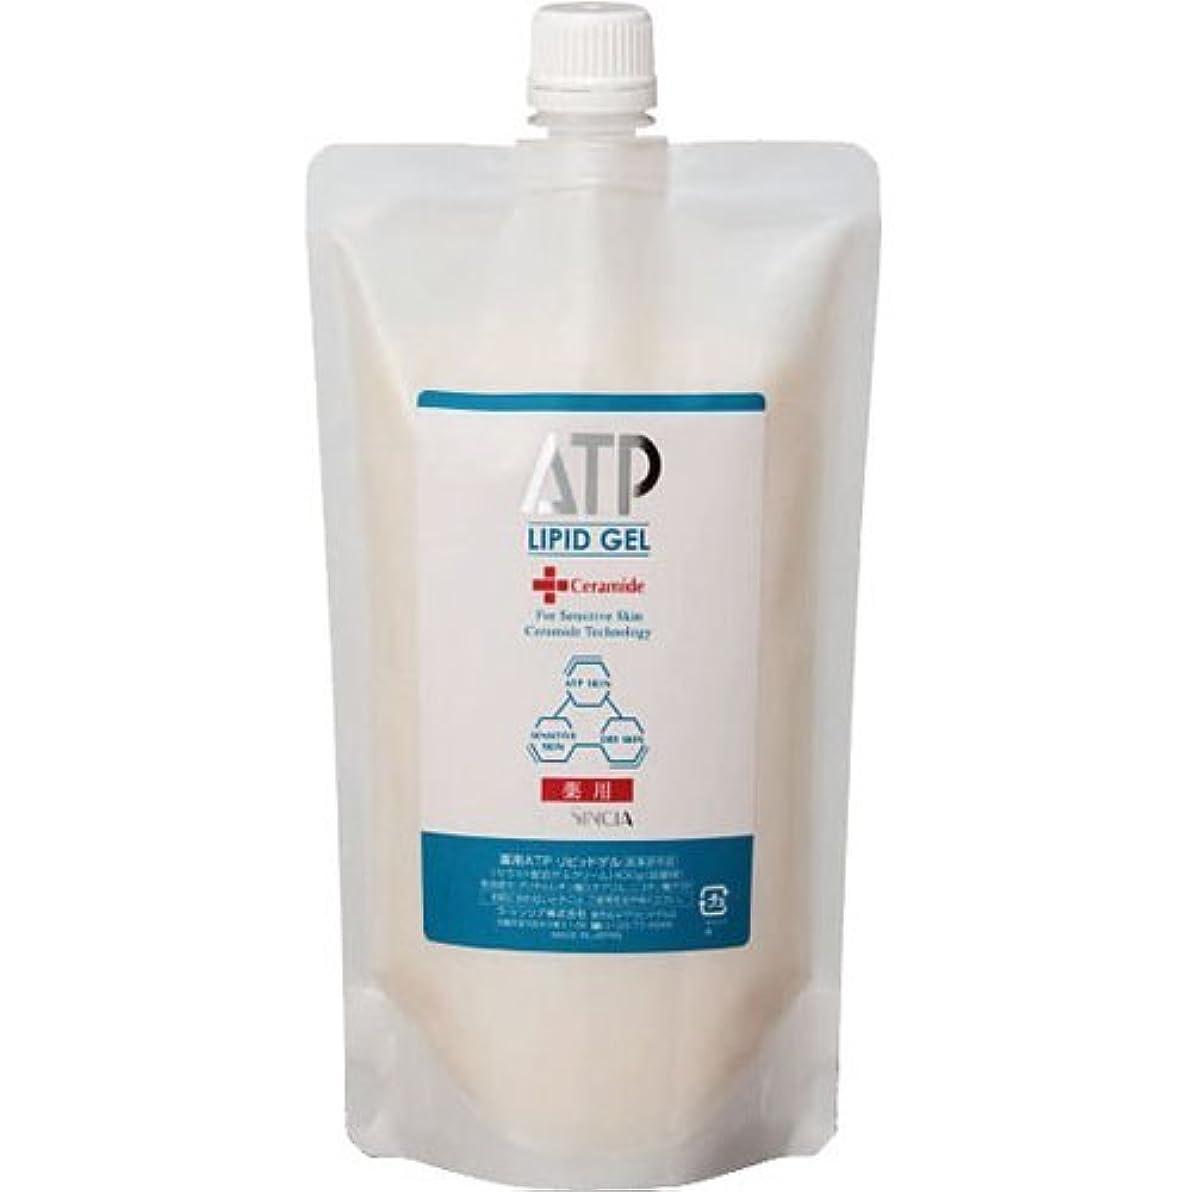 オーバーラン前プリーツラシンシア 薬用ATPリピッドゲル 400g(詰替用) 【セラミド配合ゲルクリーム】